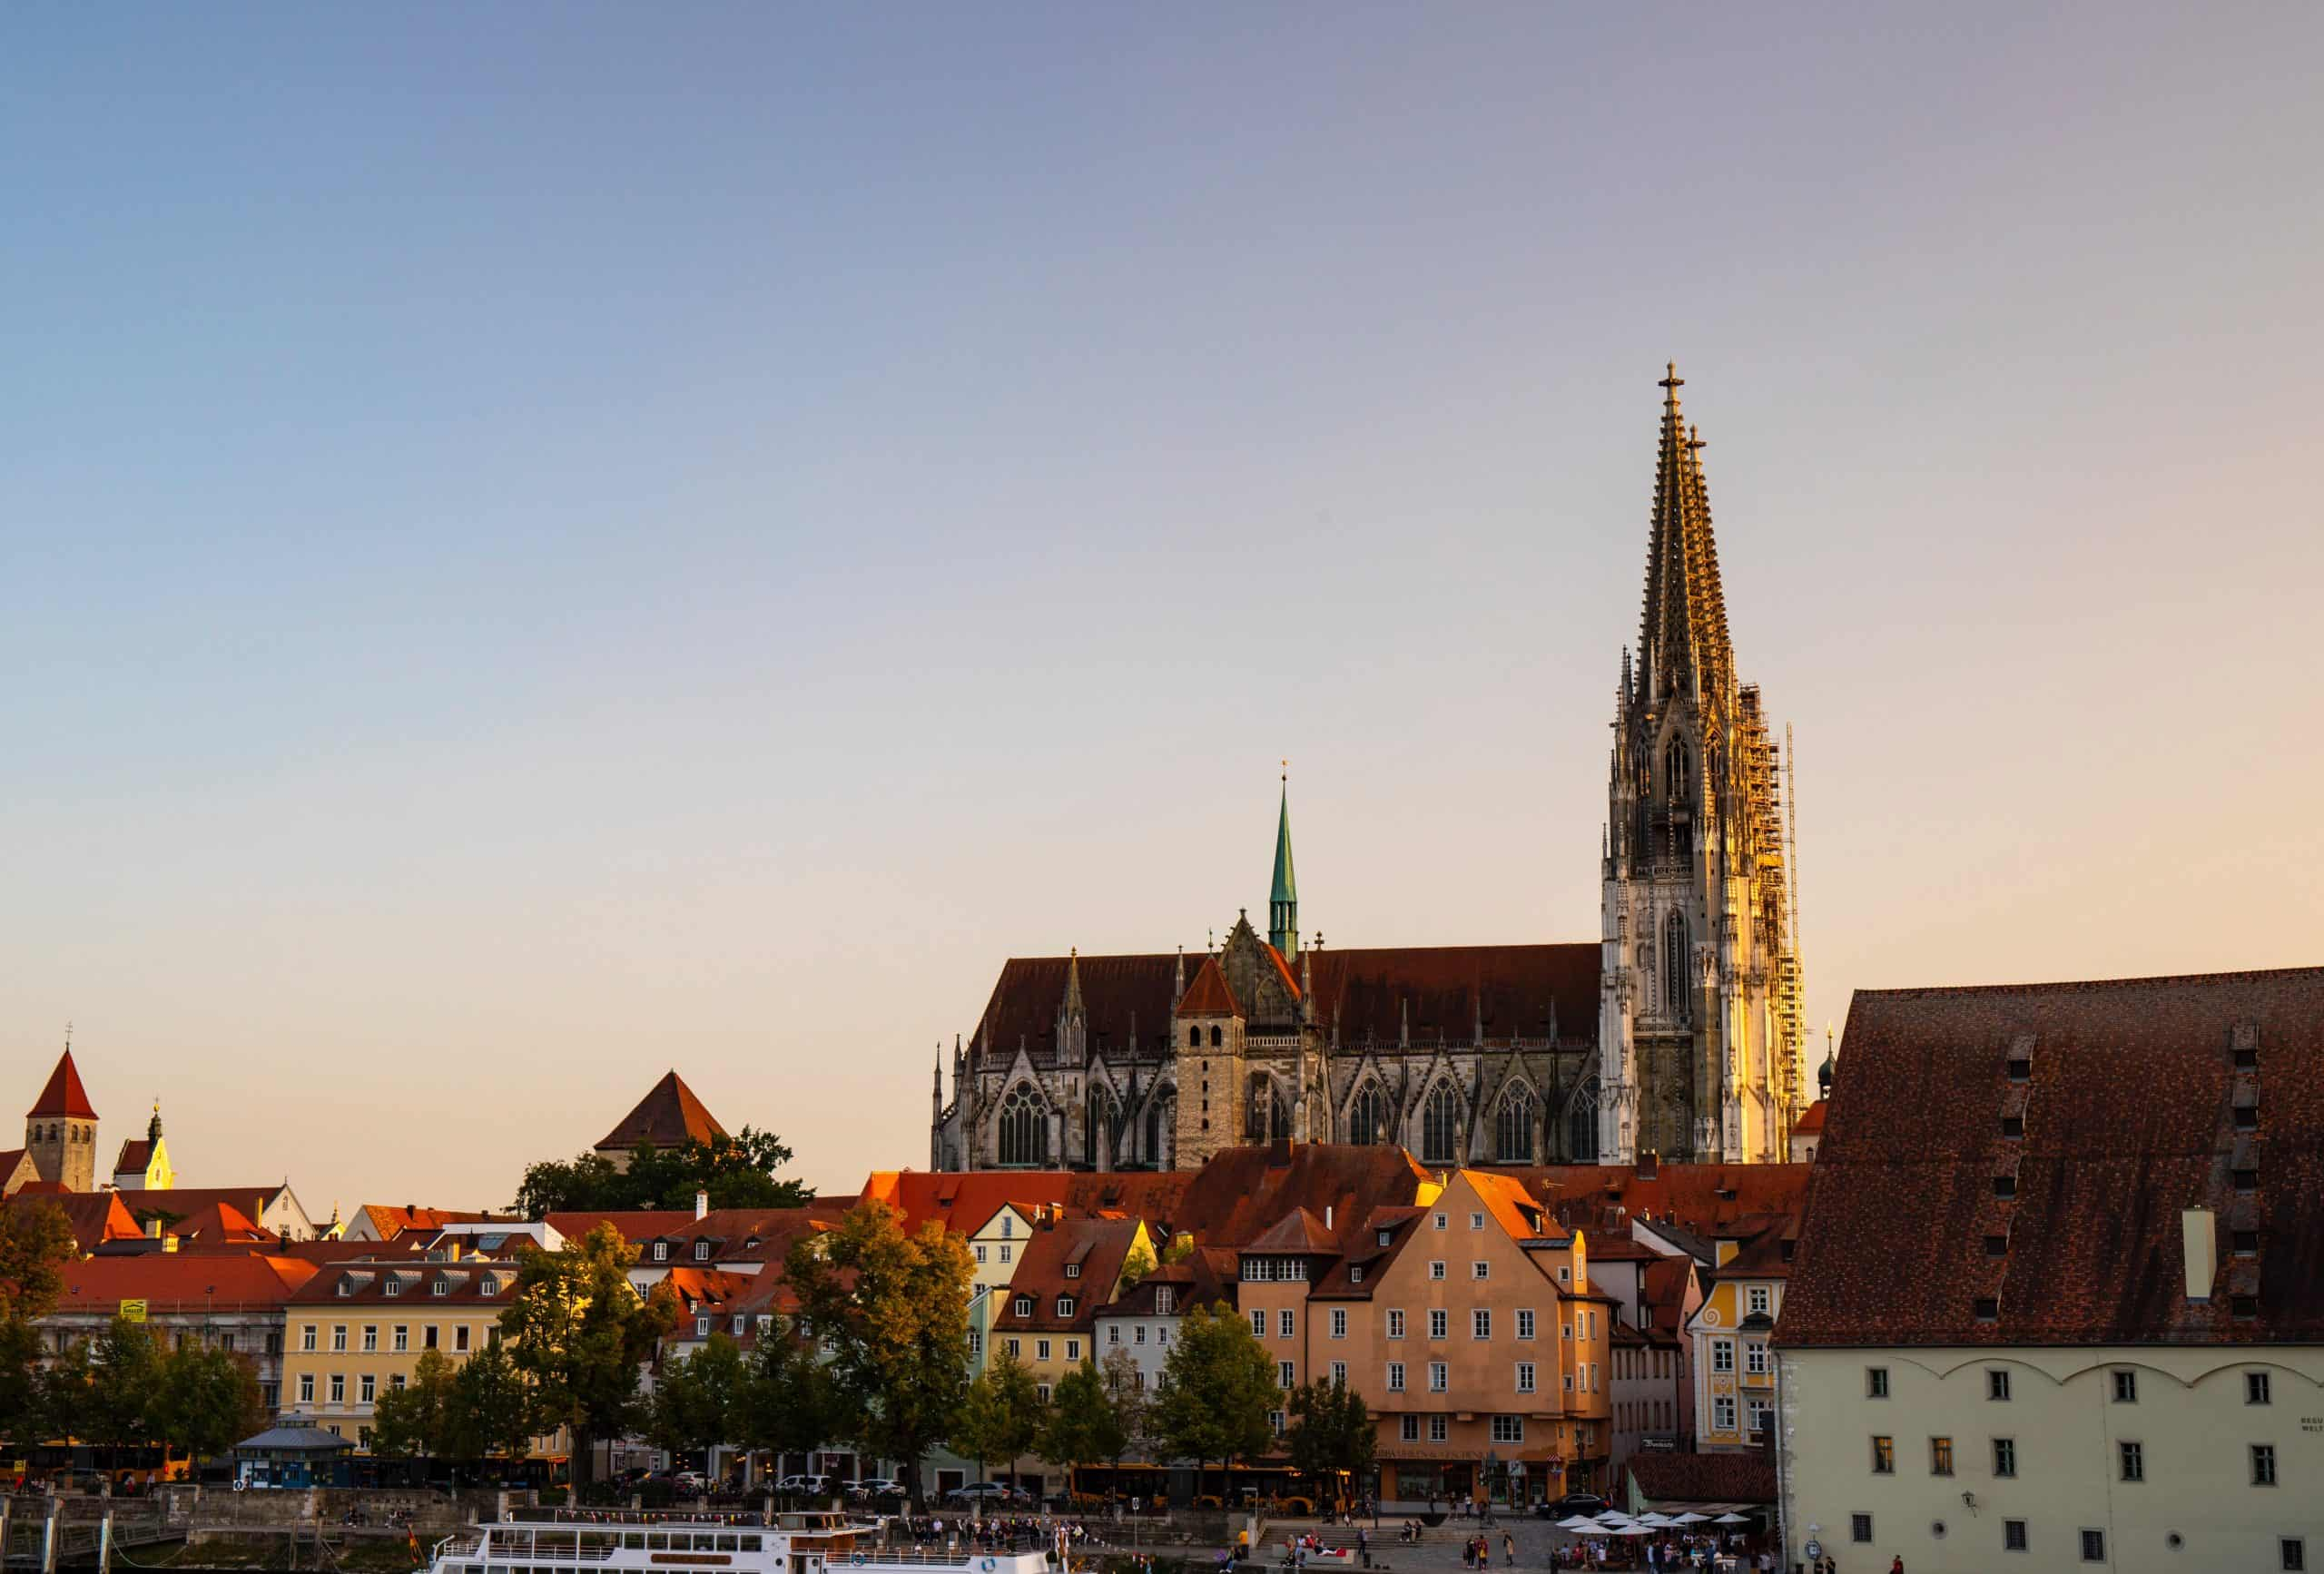 Liste der 3 größten Unternehmen in Regensburg